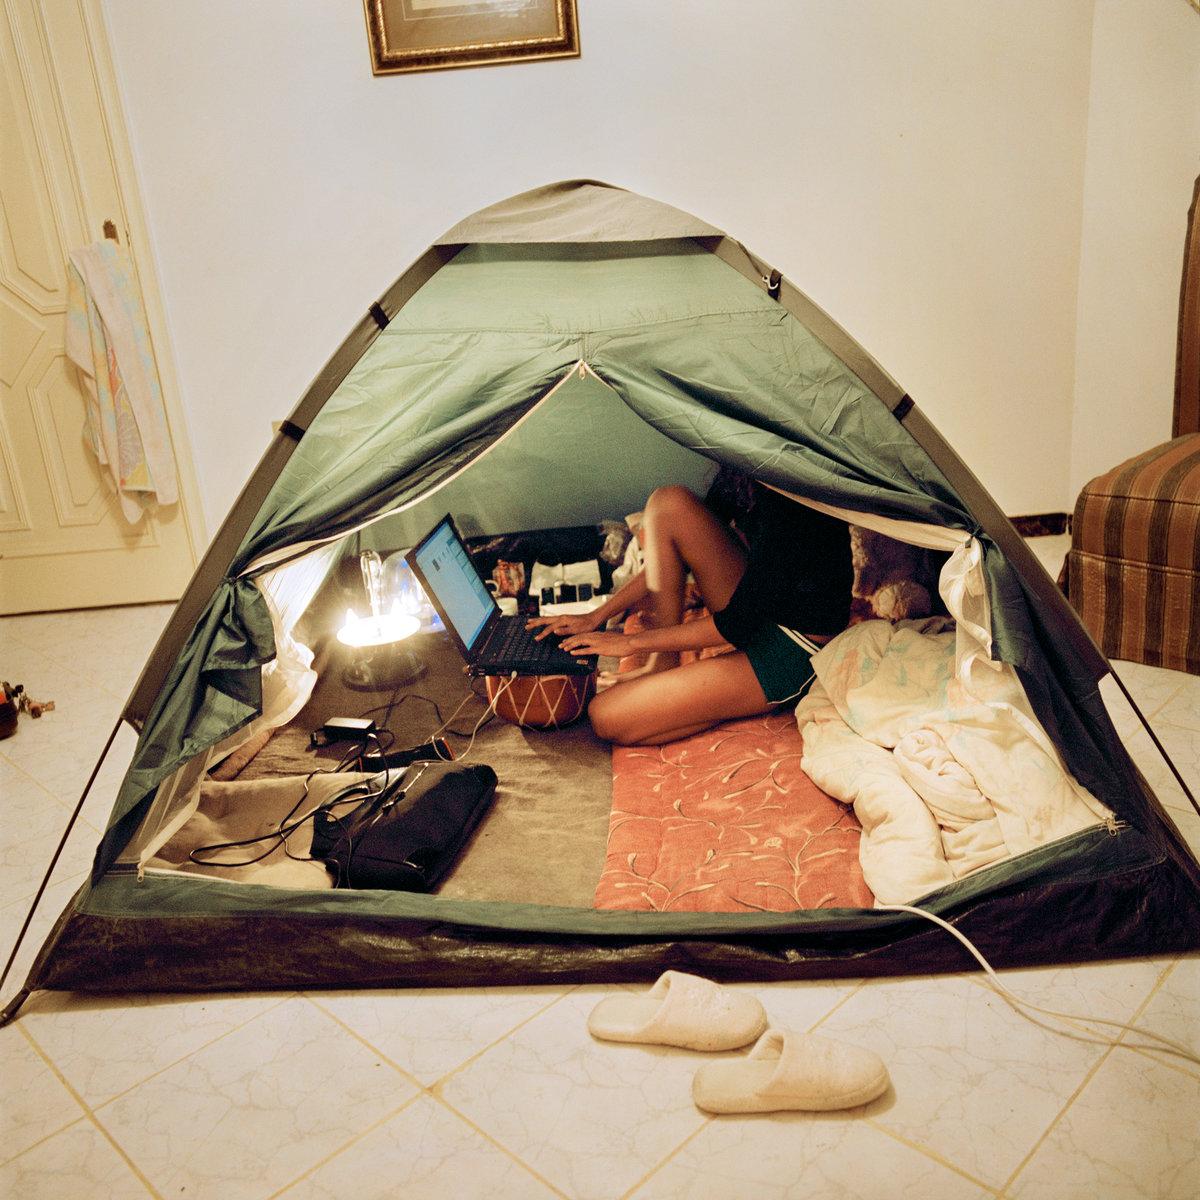 сайт фото девушек в палатке пышные девочки